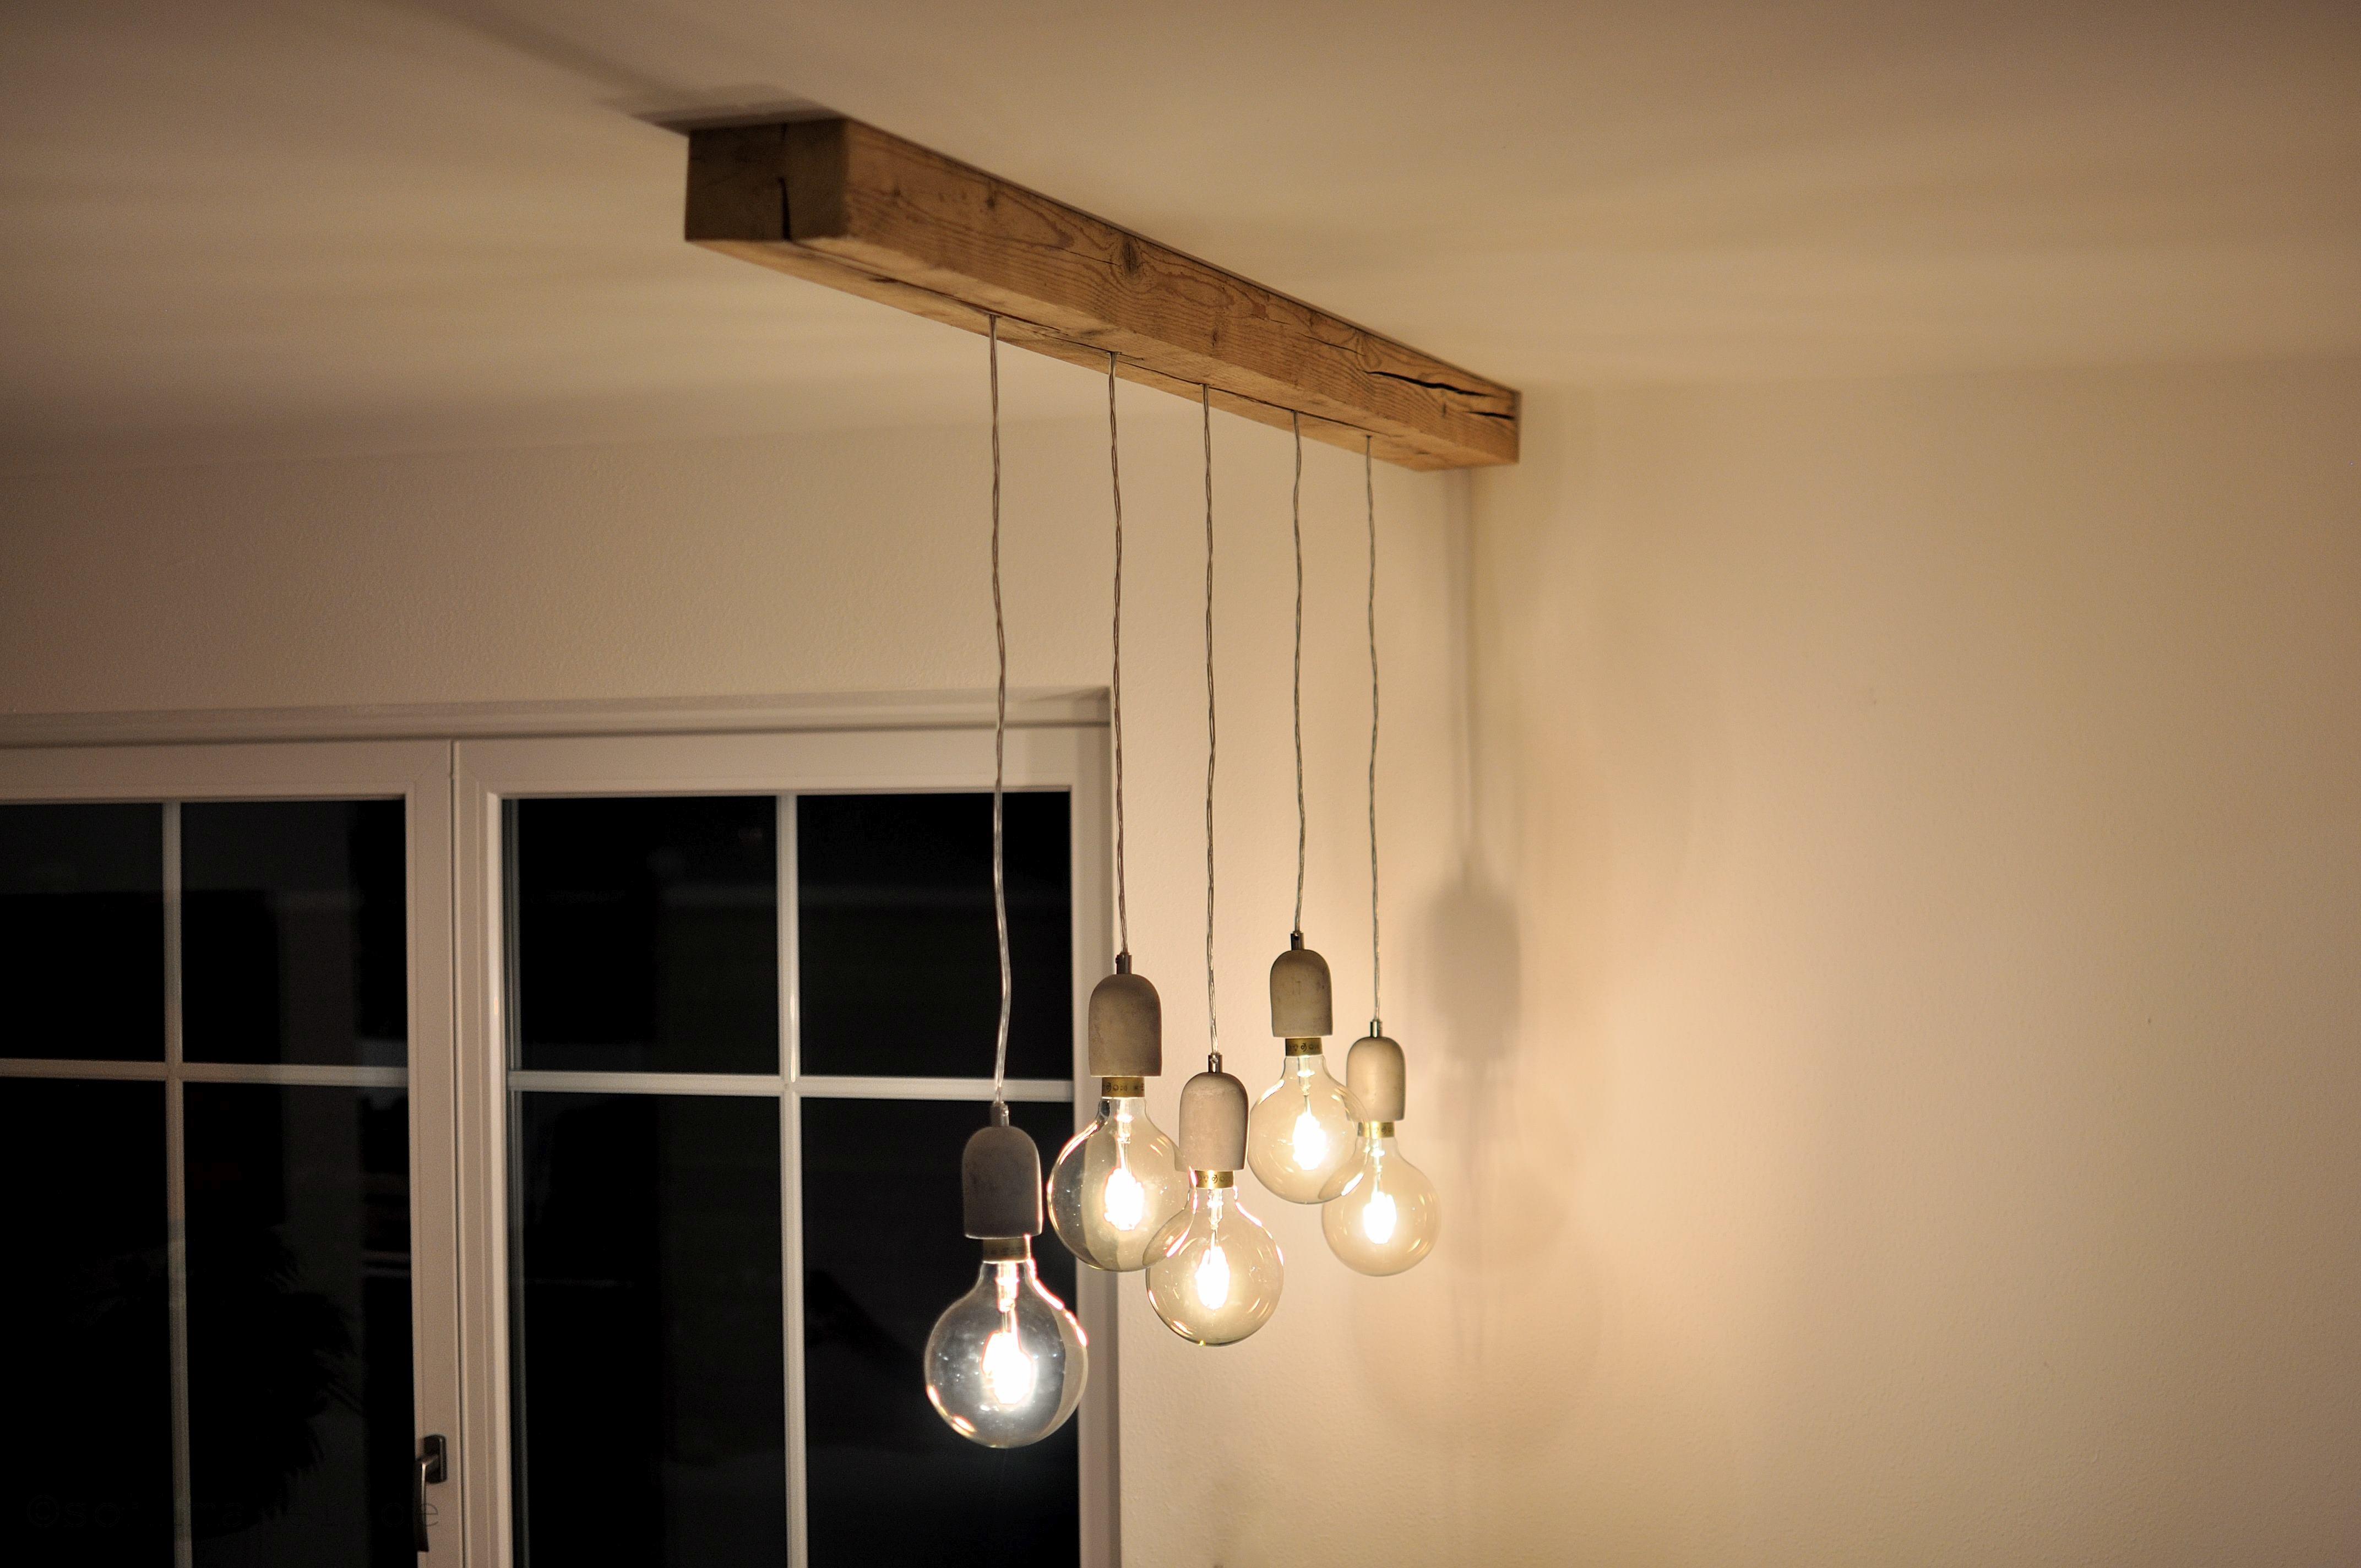 Balkenlampe Diy Sollmaker